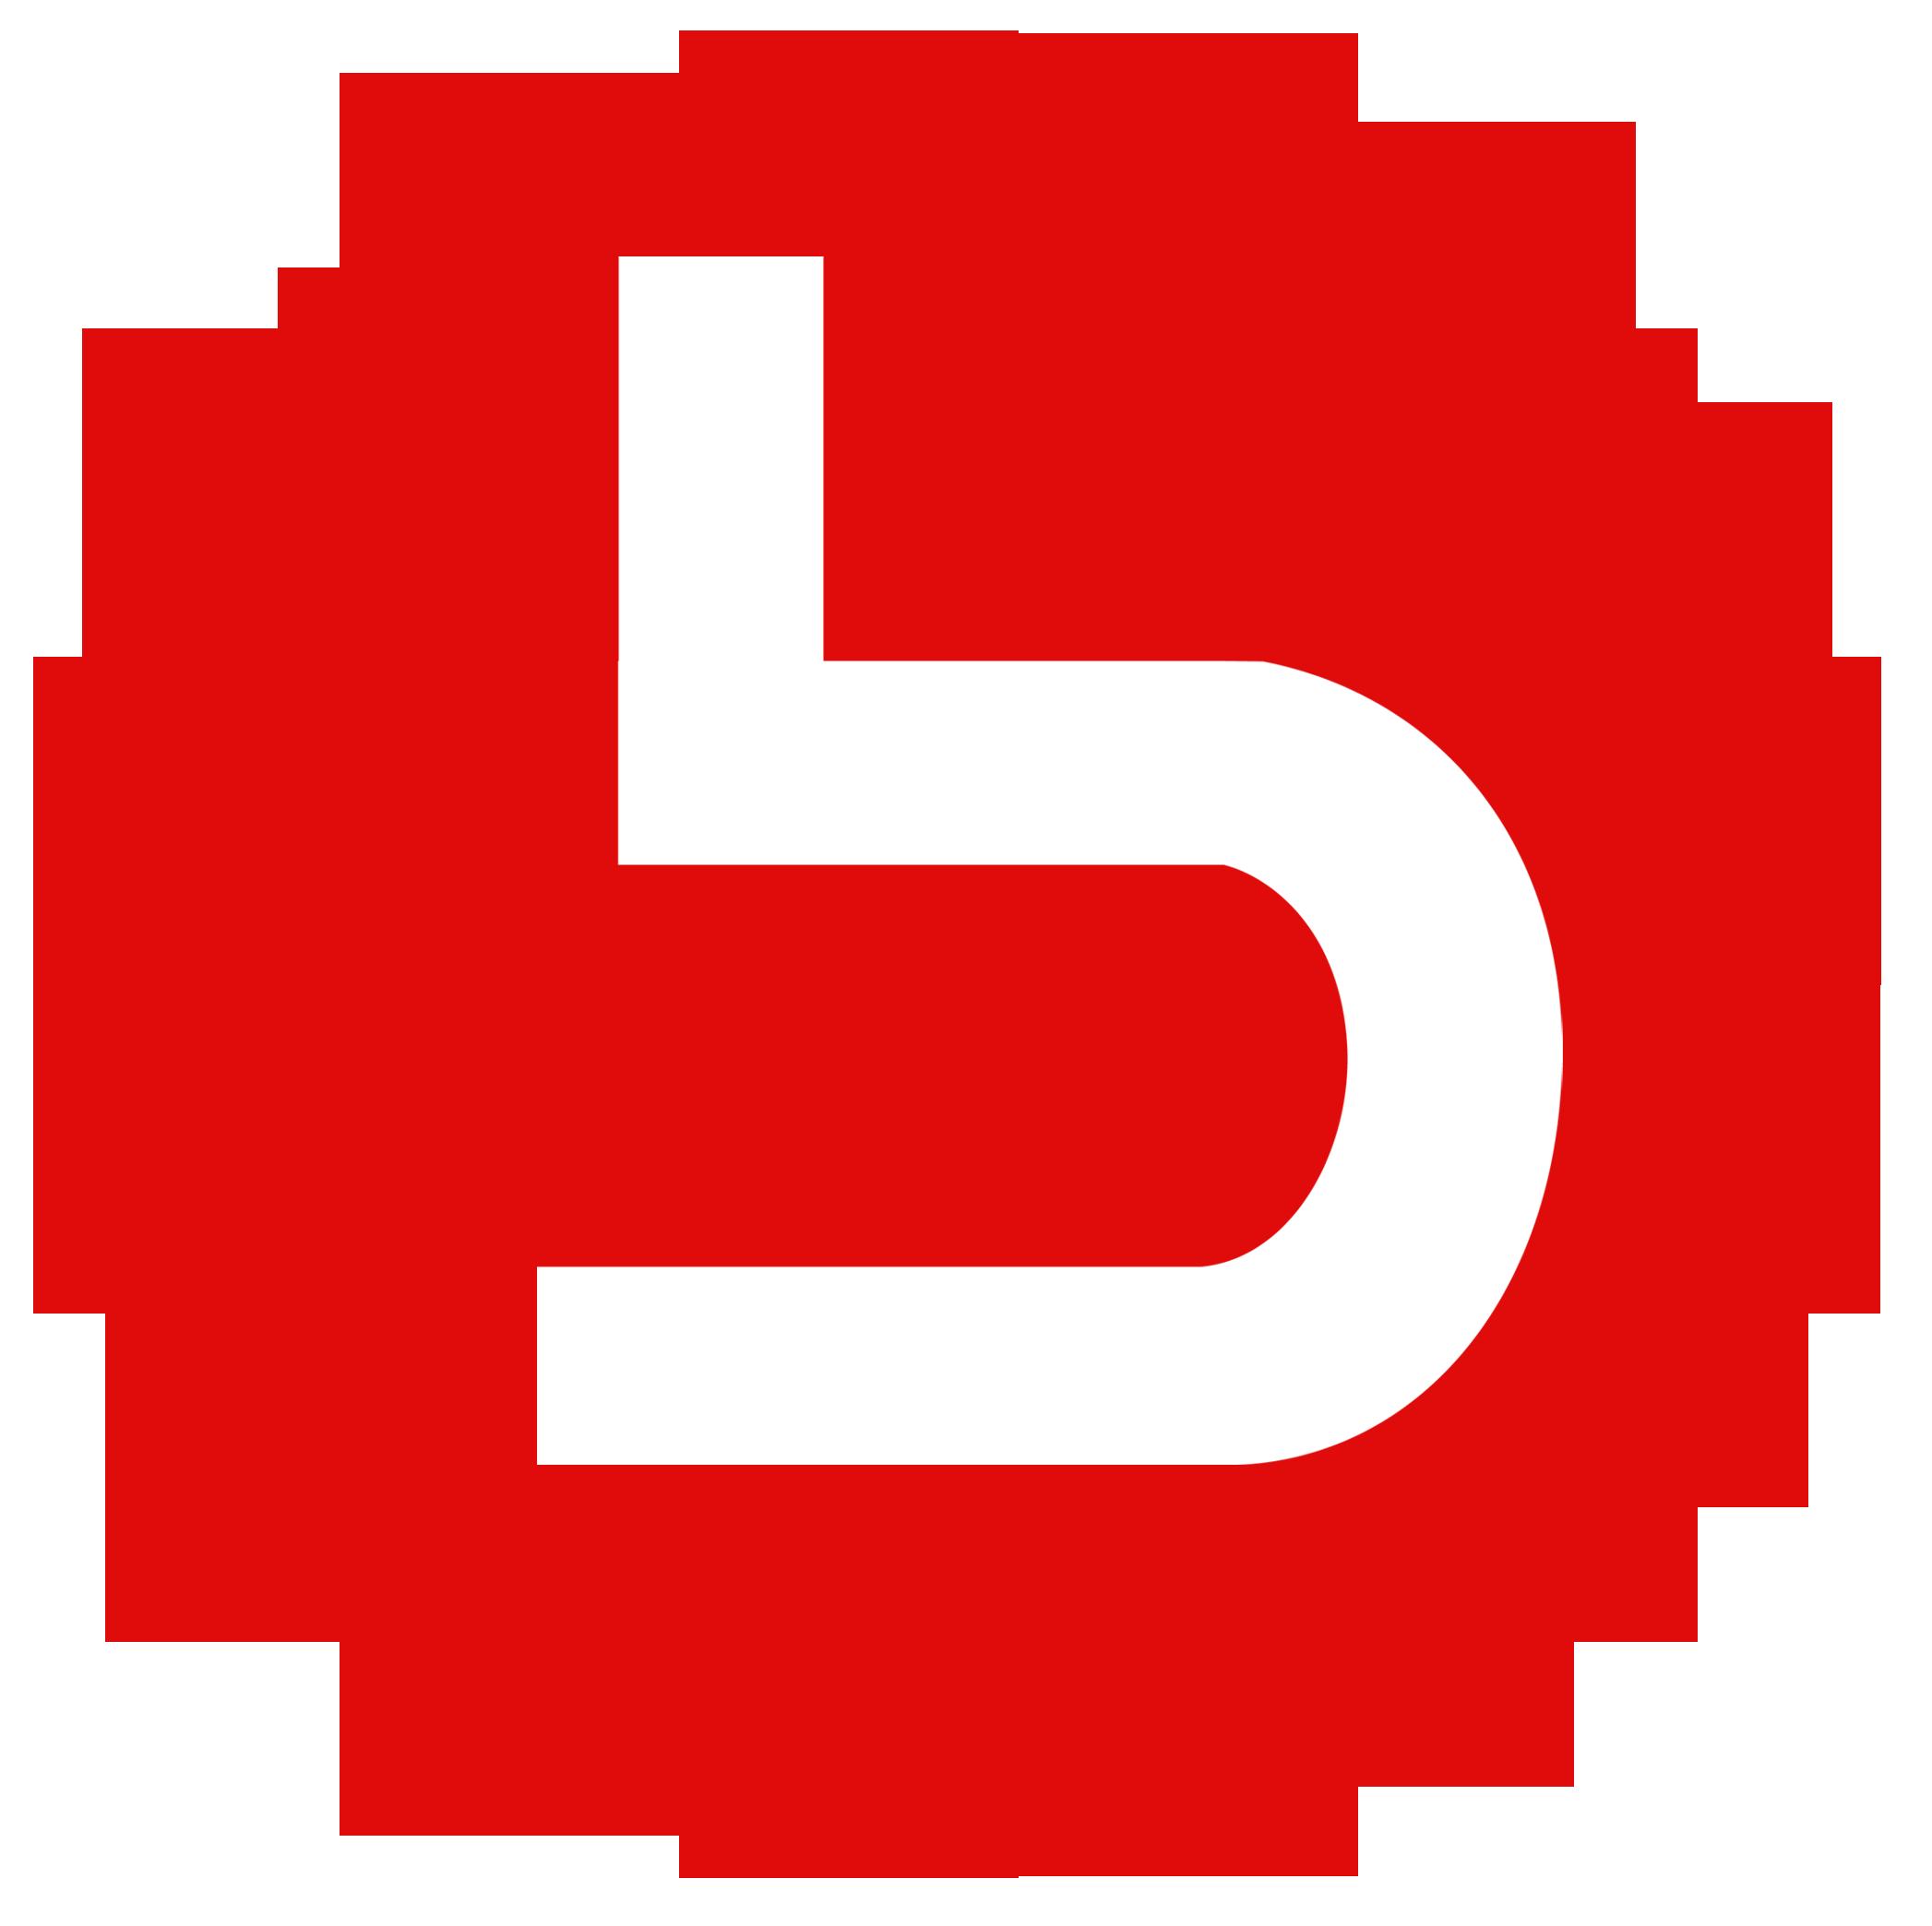 Blackinationcom